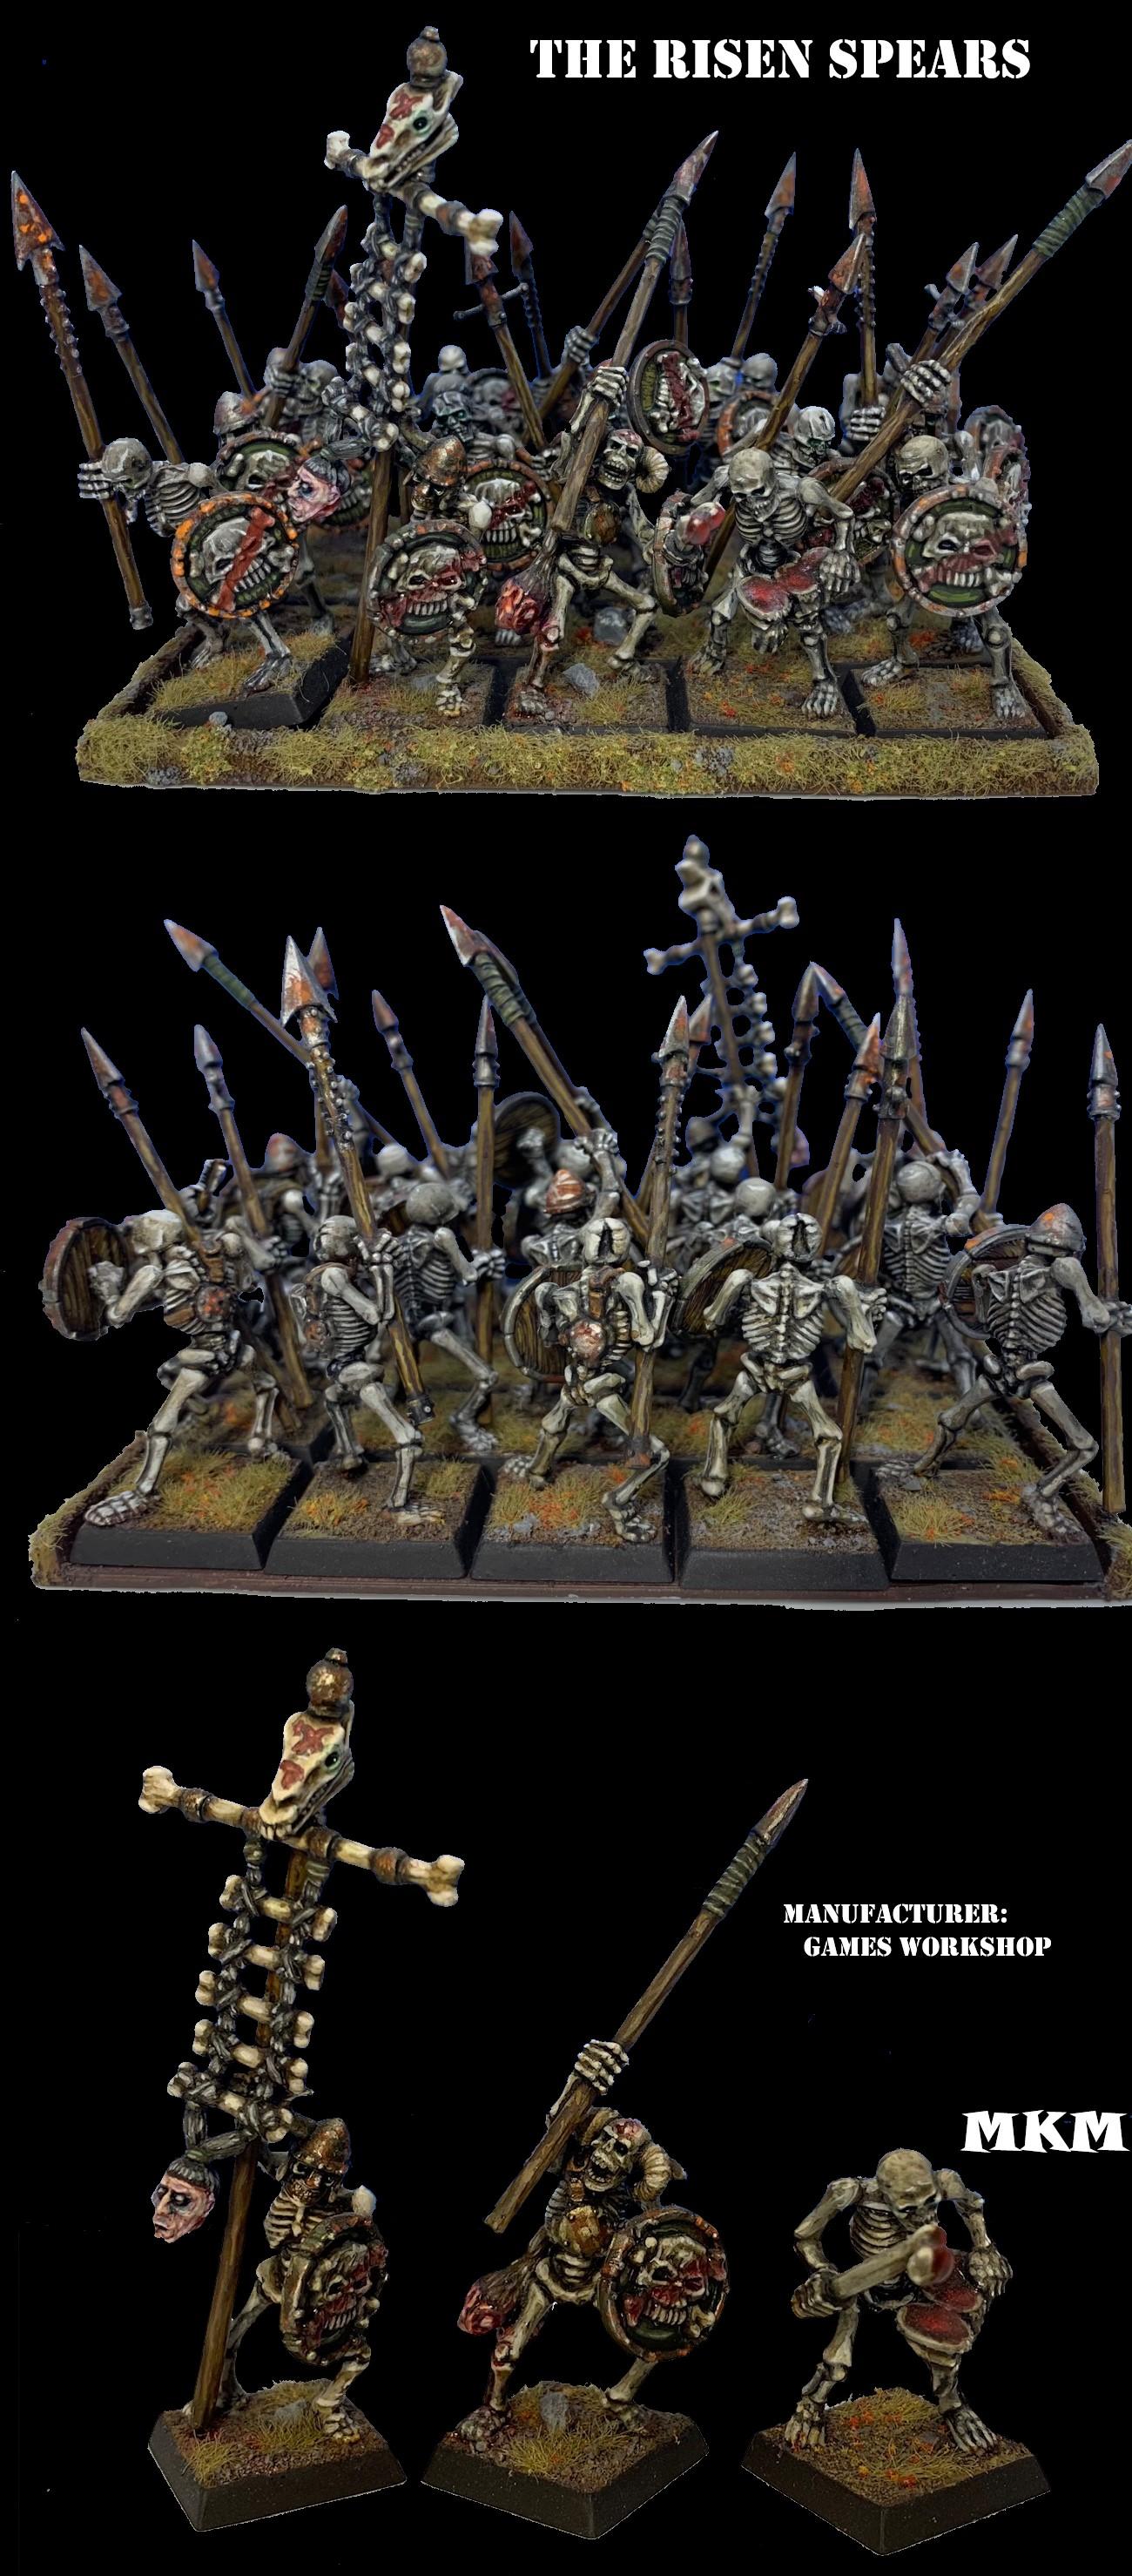 THE RISEN SPEARS - Skeletal Spearmen